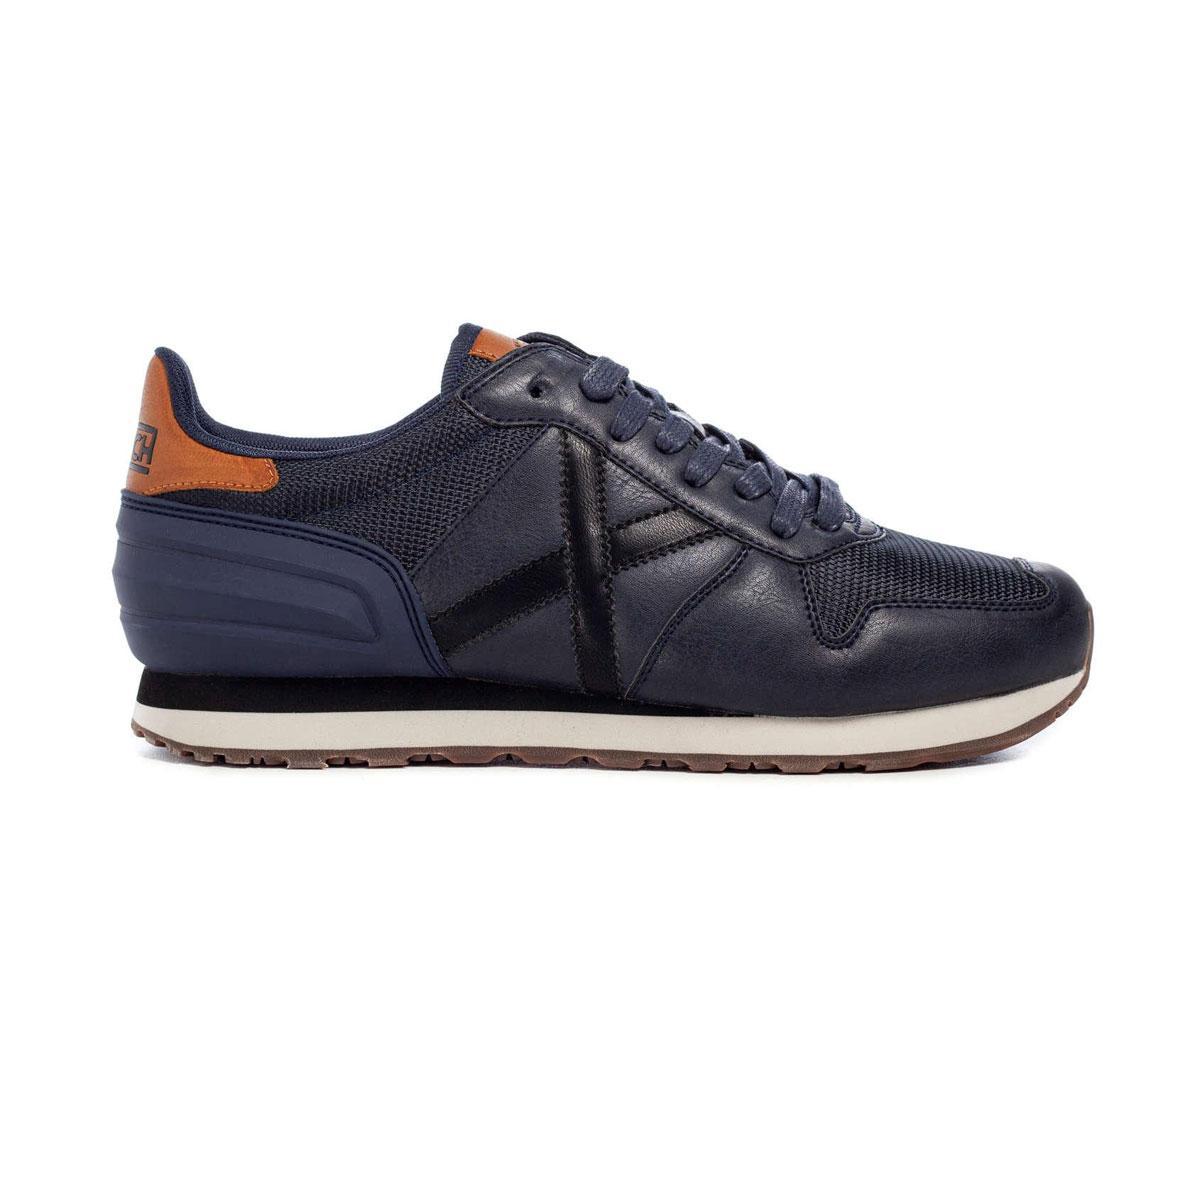 Scarpe Sneakers Munich Massana 383 in pelle da uomo rif. 8620383